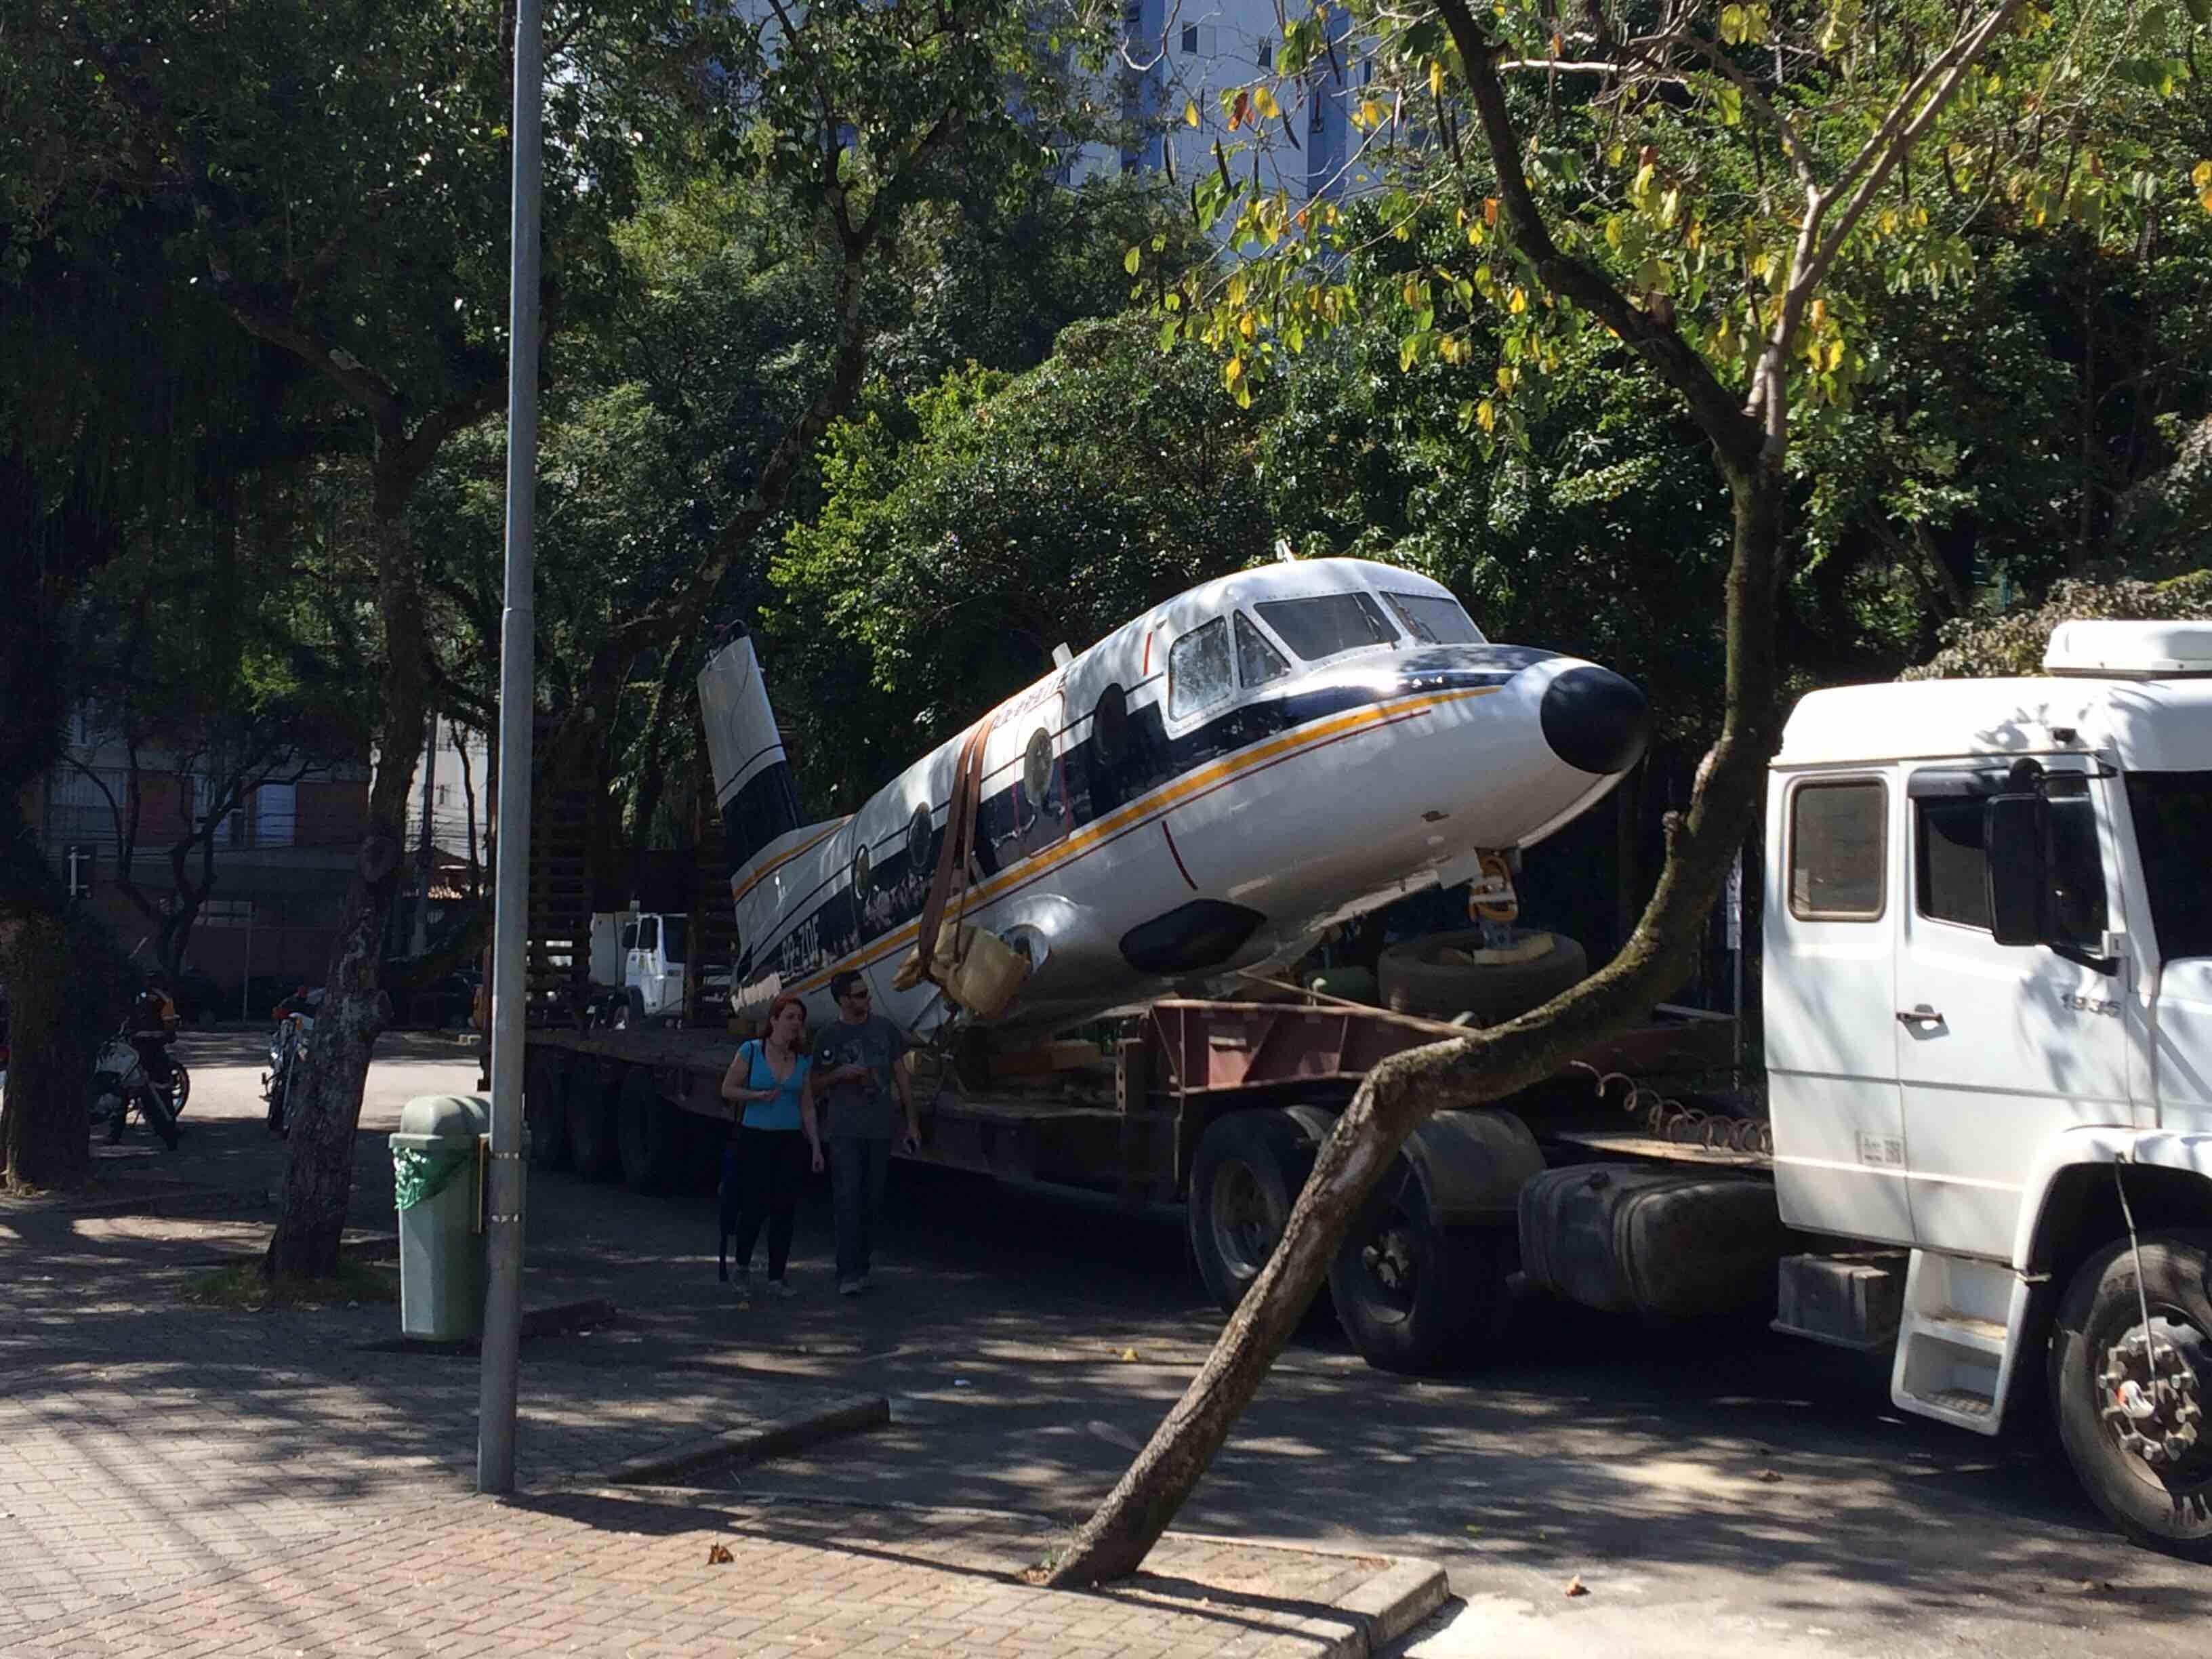 Após restauro, protótipo do avião Bandeirante é recolocado no parque Santos Dumont